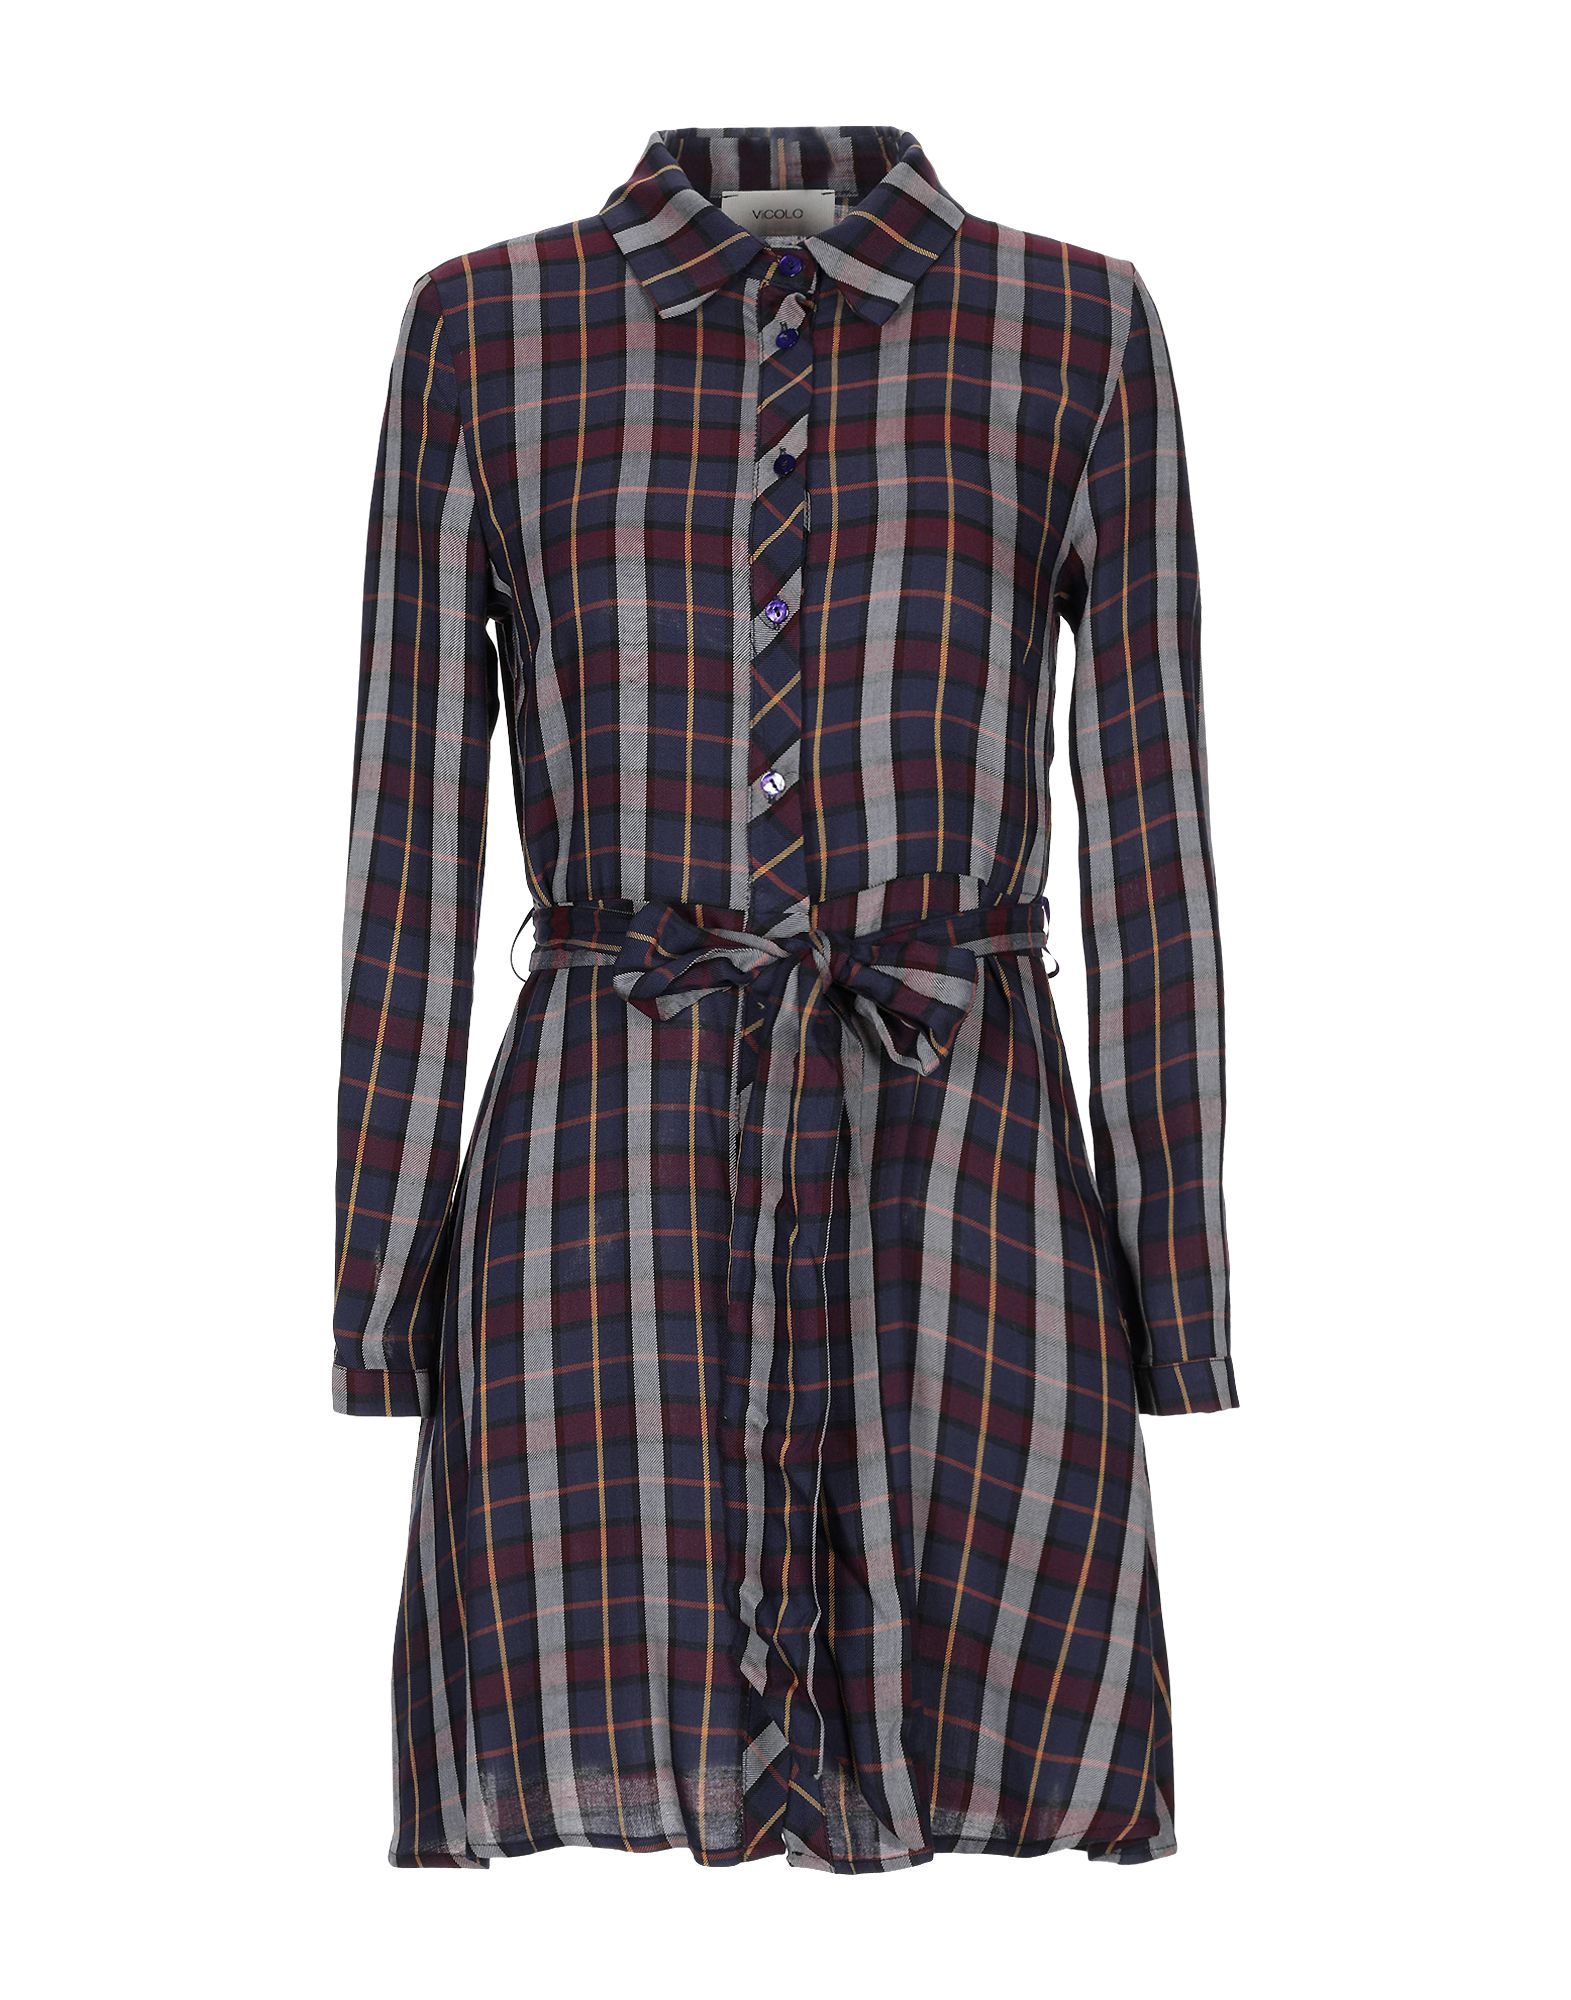 20faf1fea5a3 VICOLO - Γυναικεία Φορέματα